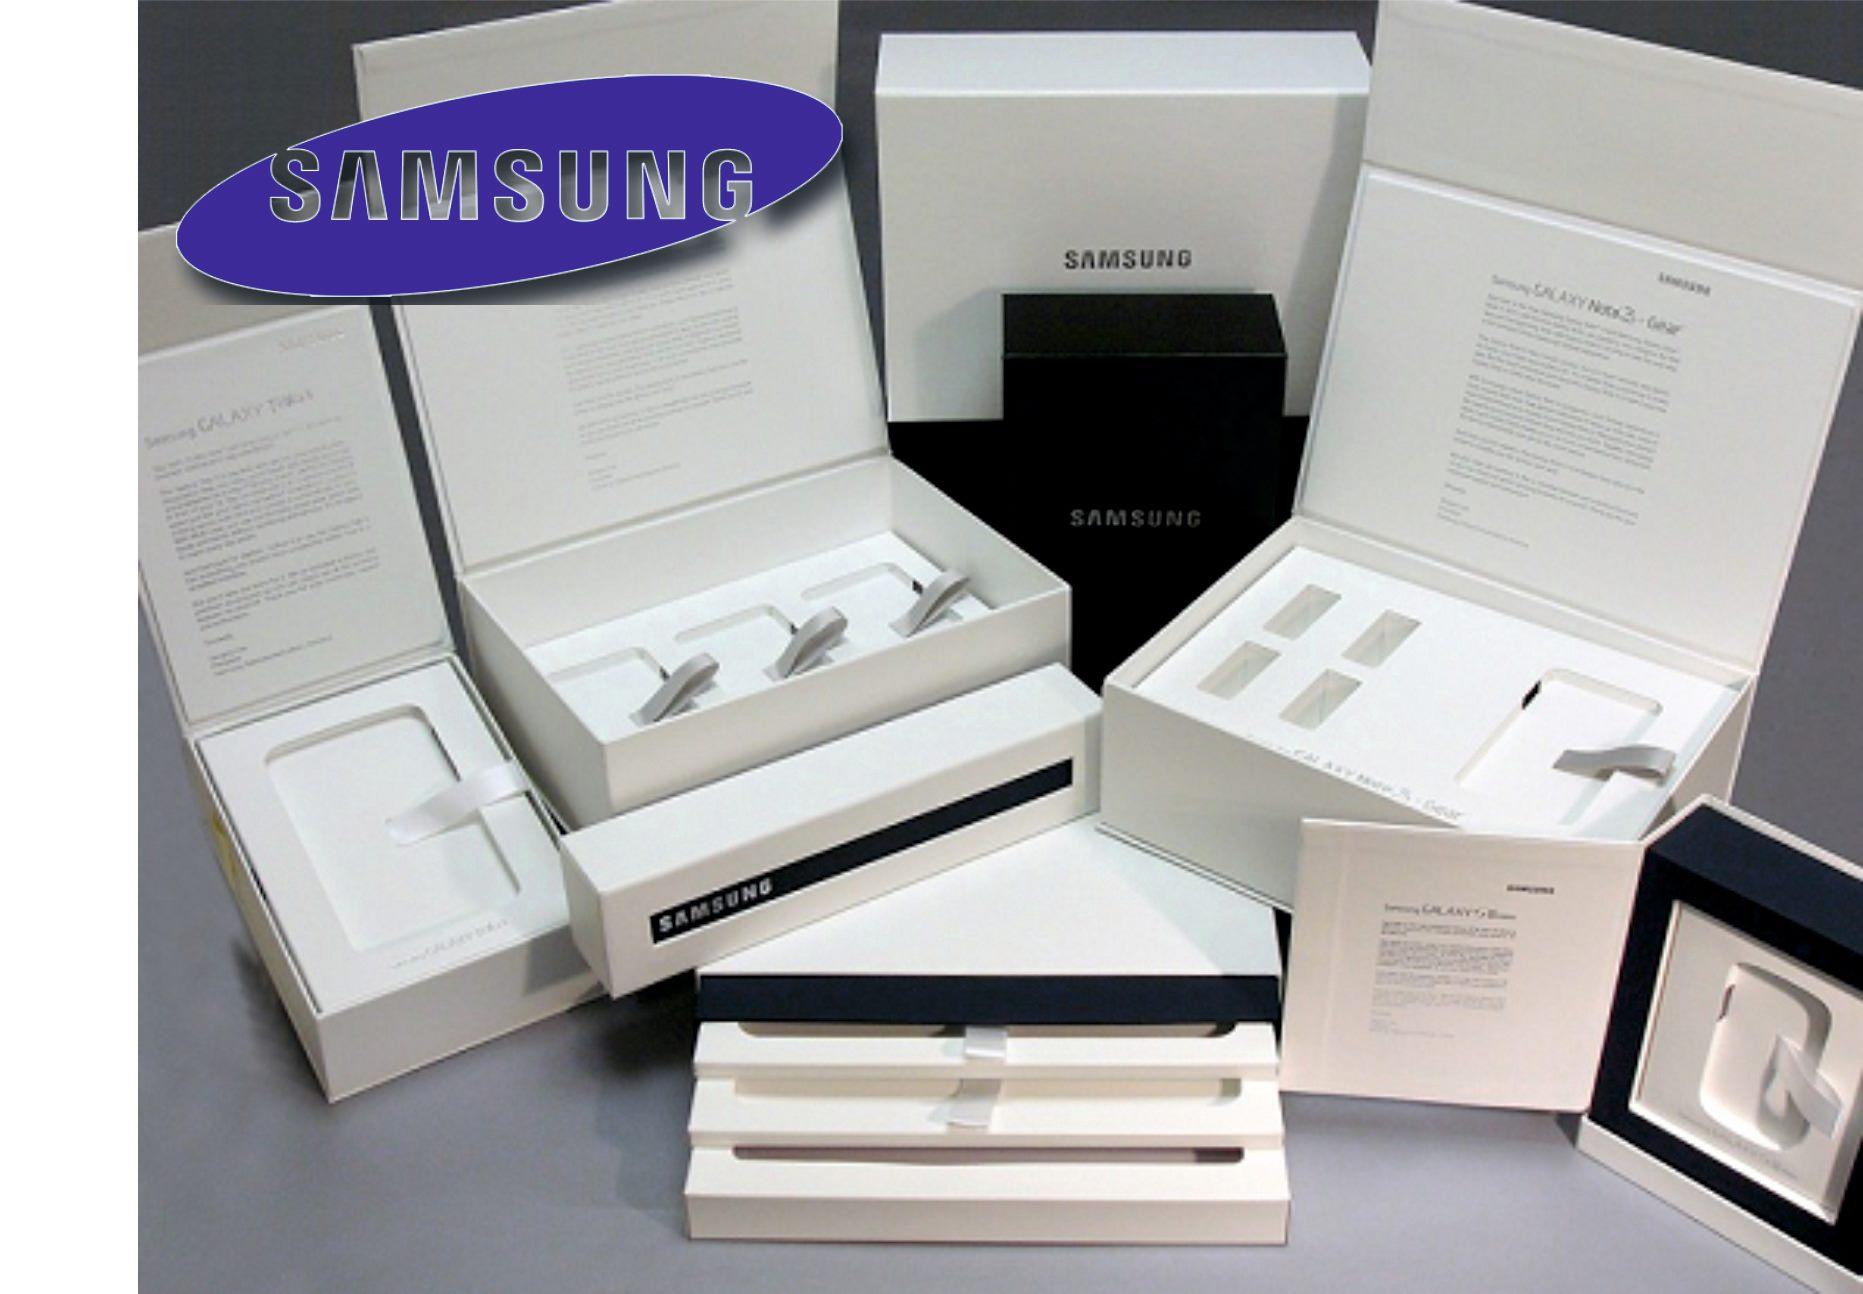 NEWS 2019  Do klientów posiadających nasze oprogramowanie dołączyła firma SAMSUNG, która ogłosiła kilka tygodni temu, że będzie stopniowo wykorzystywała materiały z recyklingu lub biodegradowalne do pakowania wszystkich swoich produktów, a w tym roku zmieni swoje opakowanie smartfonów i zdecyduje się na papier i tekturę z recyklingu (Samsung globalny newsroom). Ta nowa referencja przemysłowa wzmacnia innowacyjne podejście proponowane przez TreeDiM Picador Cad, łącząc oprogramowanie z platformą współpracy eko-projektu PLMPack.